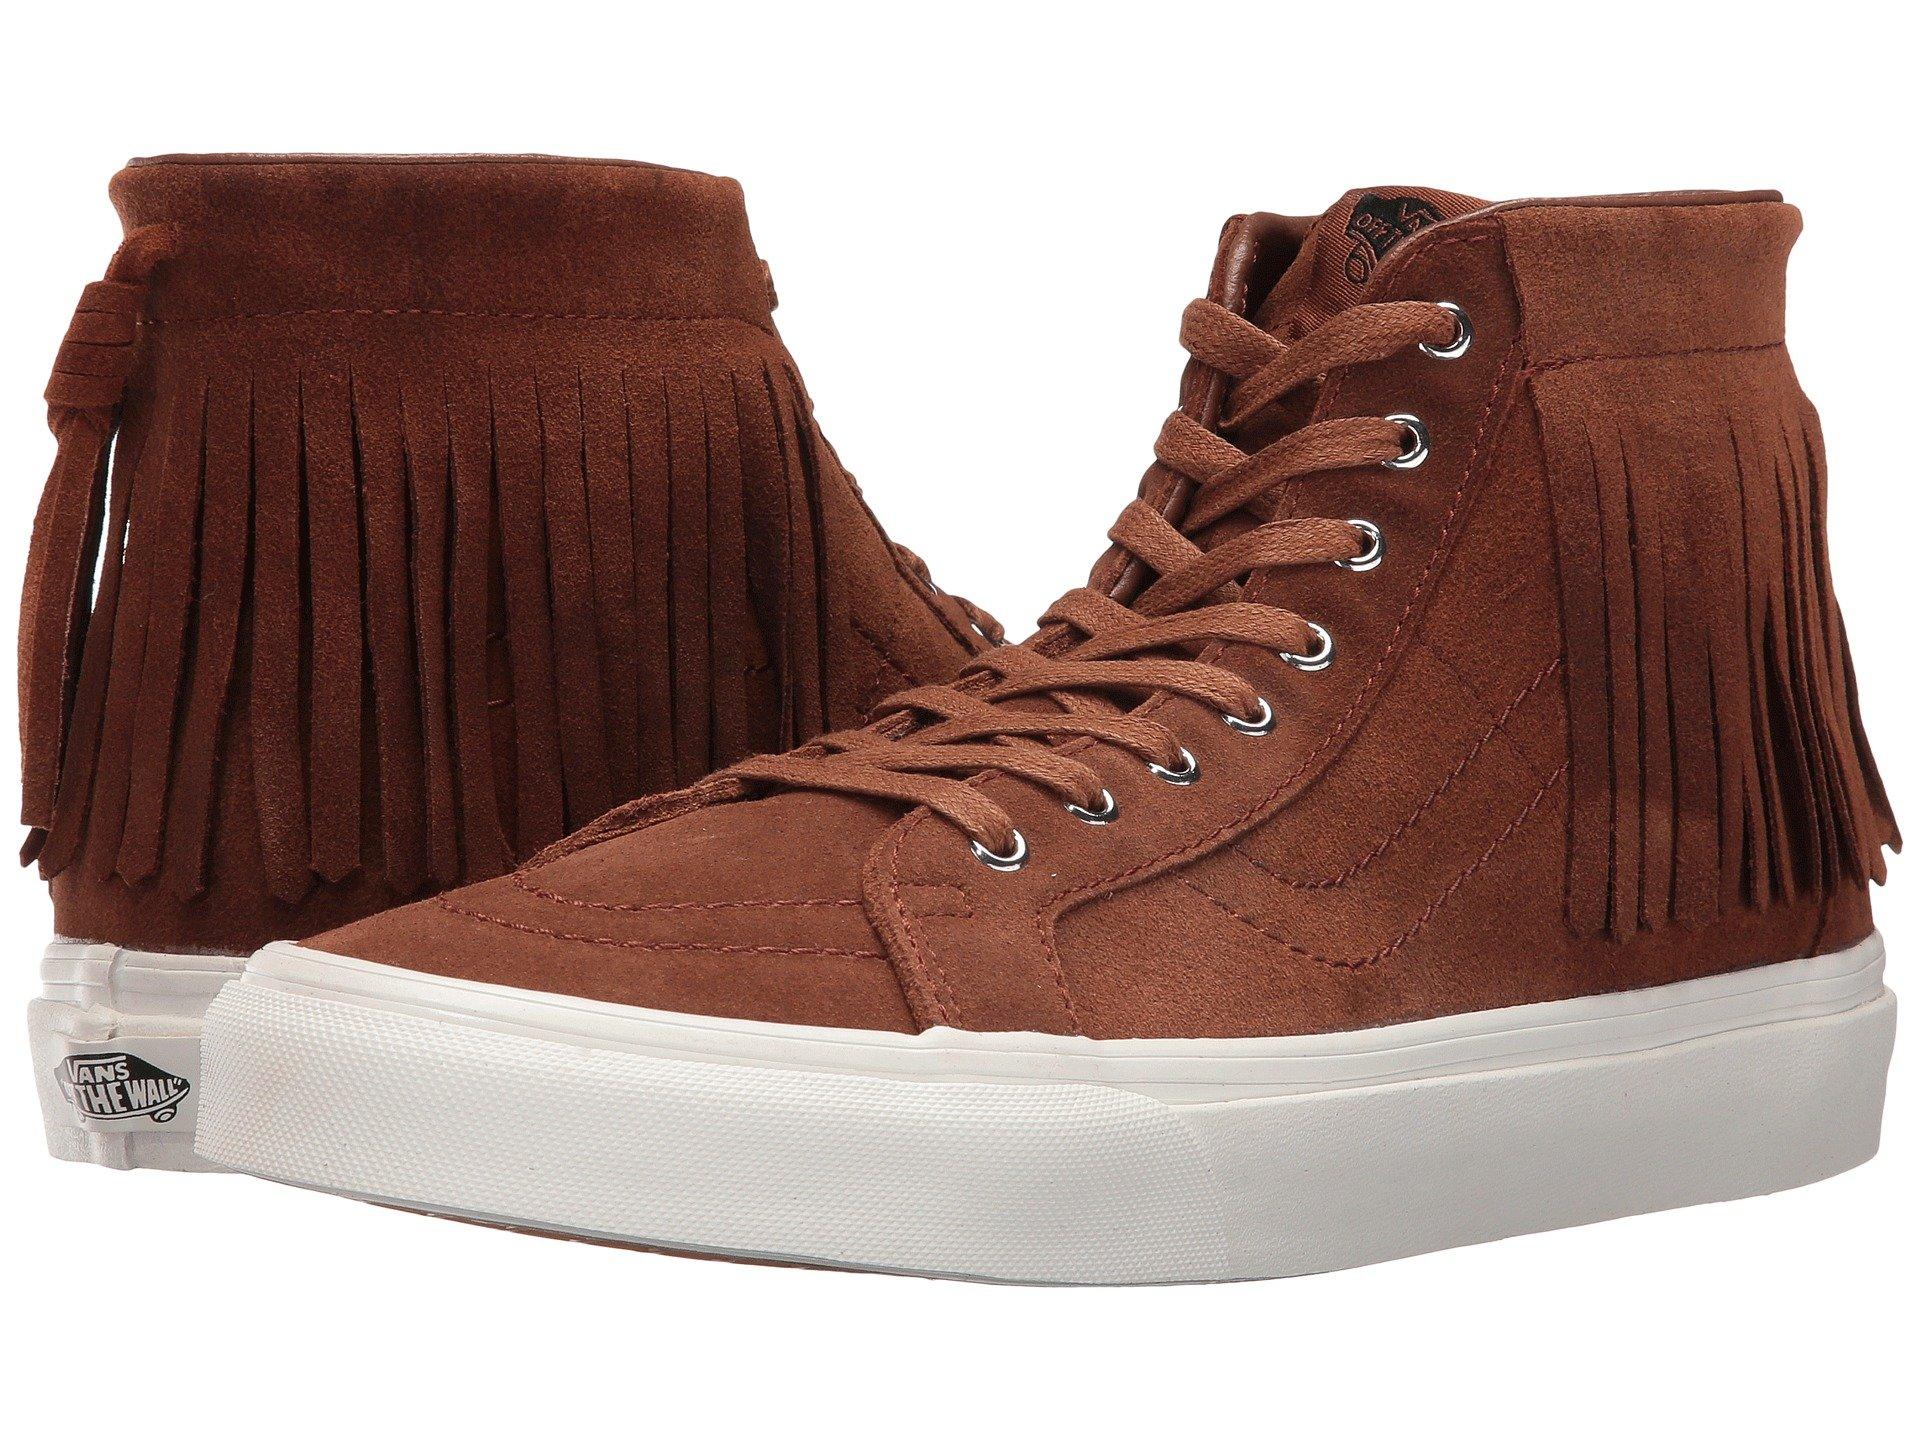 6e318ba172e801 Vans - Vans Sk8-Hi Moc Suede Black   Blanc De Ankle-High Fashion Sneaker -  9.5M 8M - Walmart.com